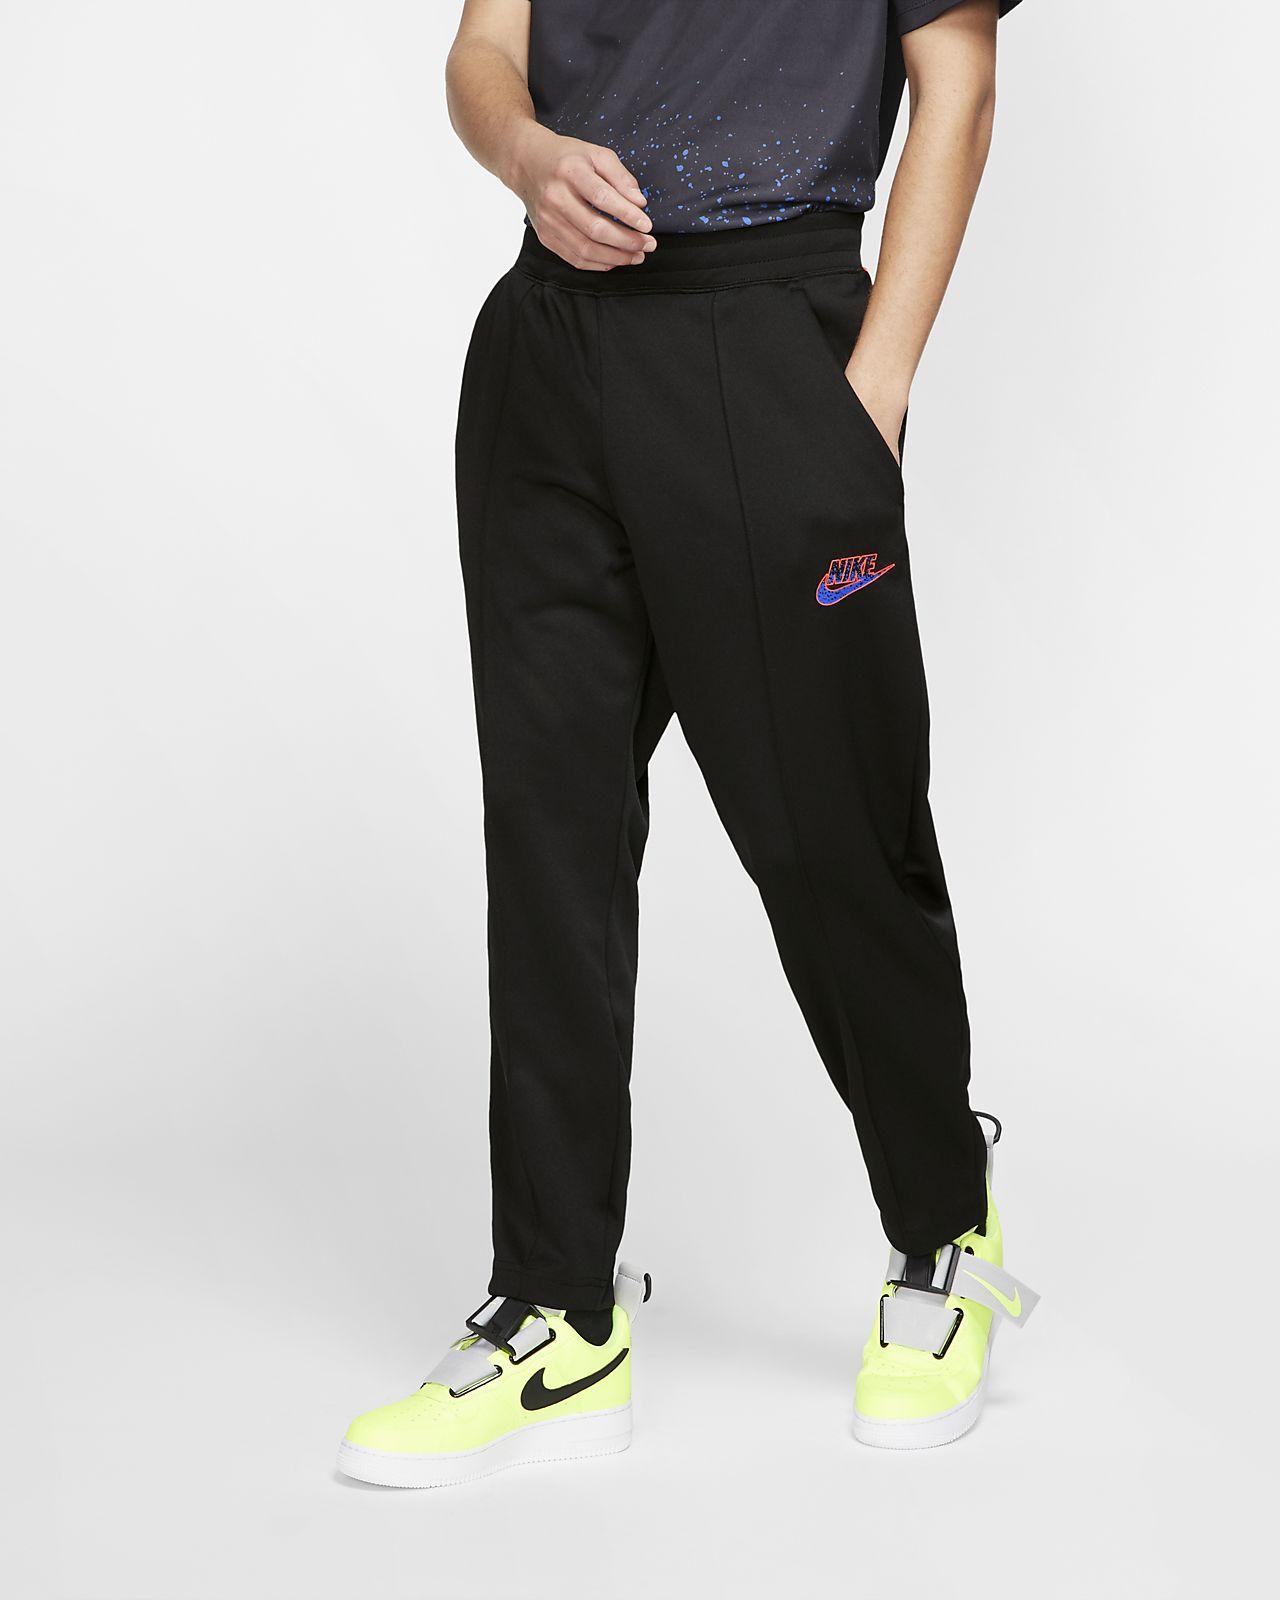 0c4913ece4ccd Low Resolution Pánské tepláky Nike Sportswear Pánské tepláky Nike Sportswear